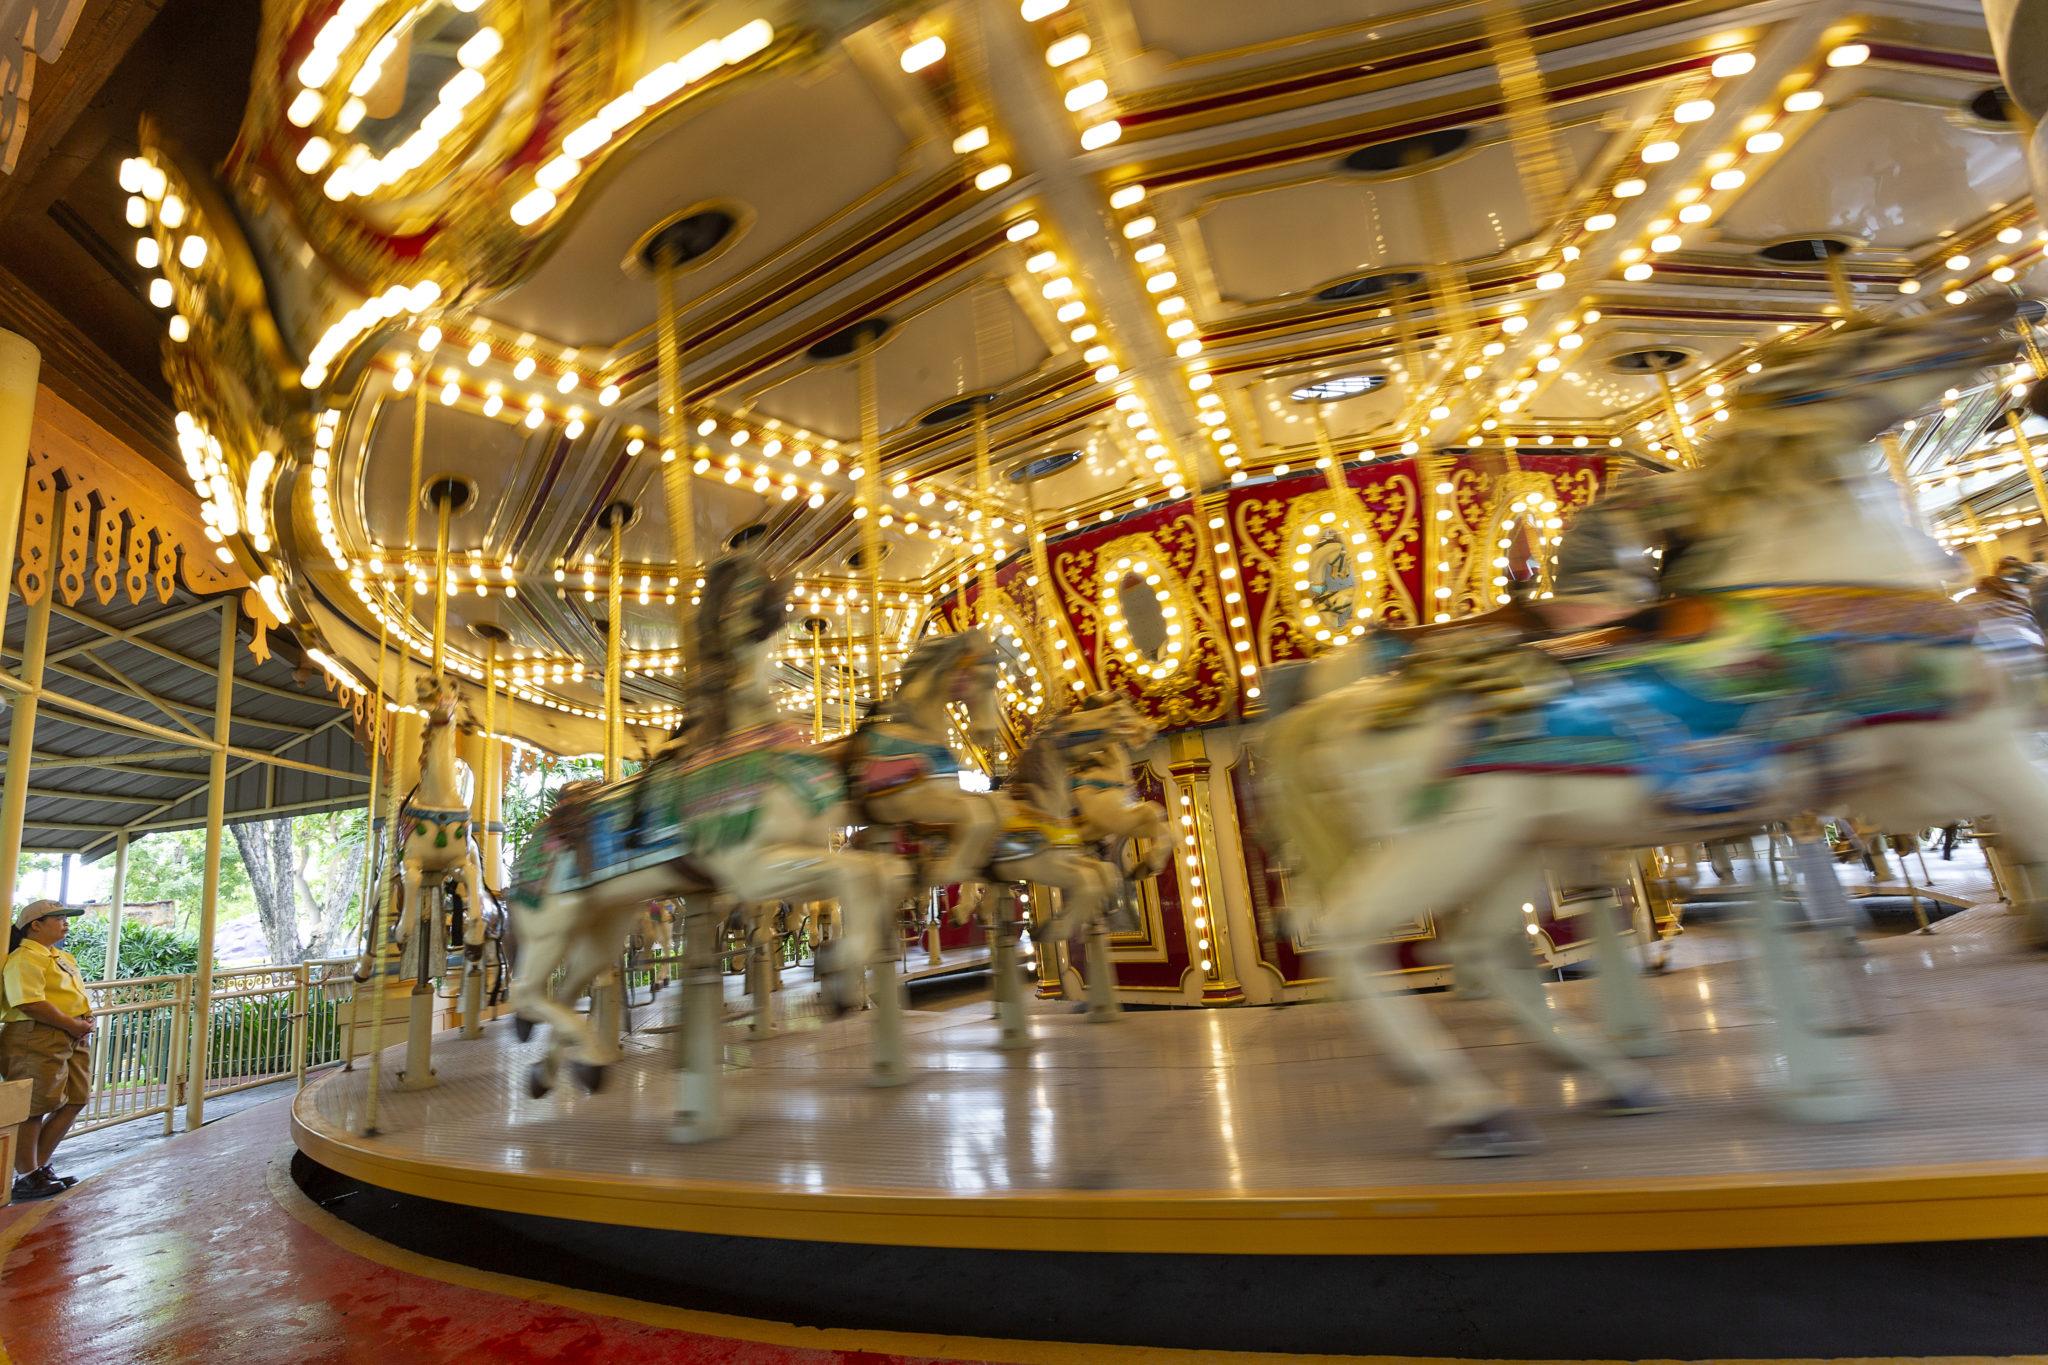 Carousel at Enchanted Kingdom